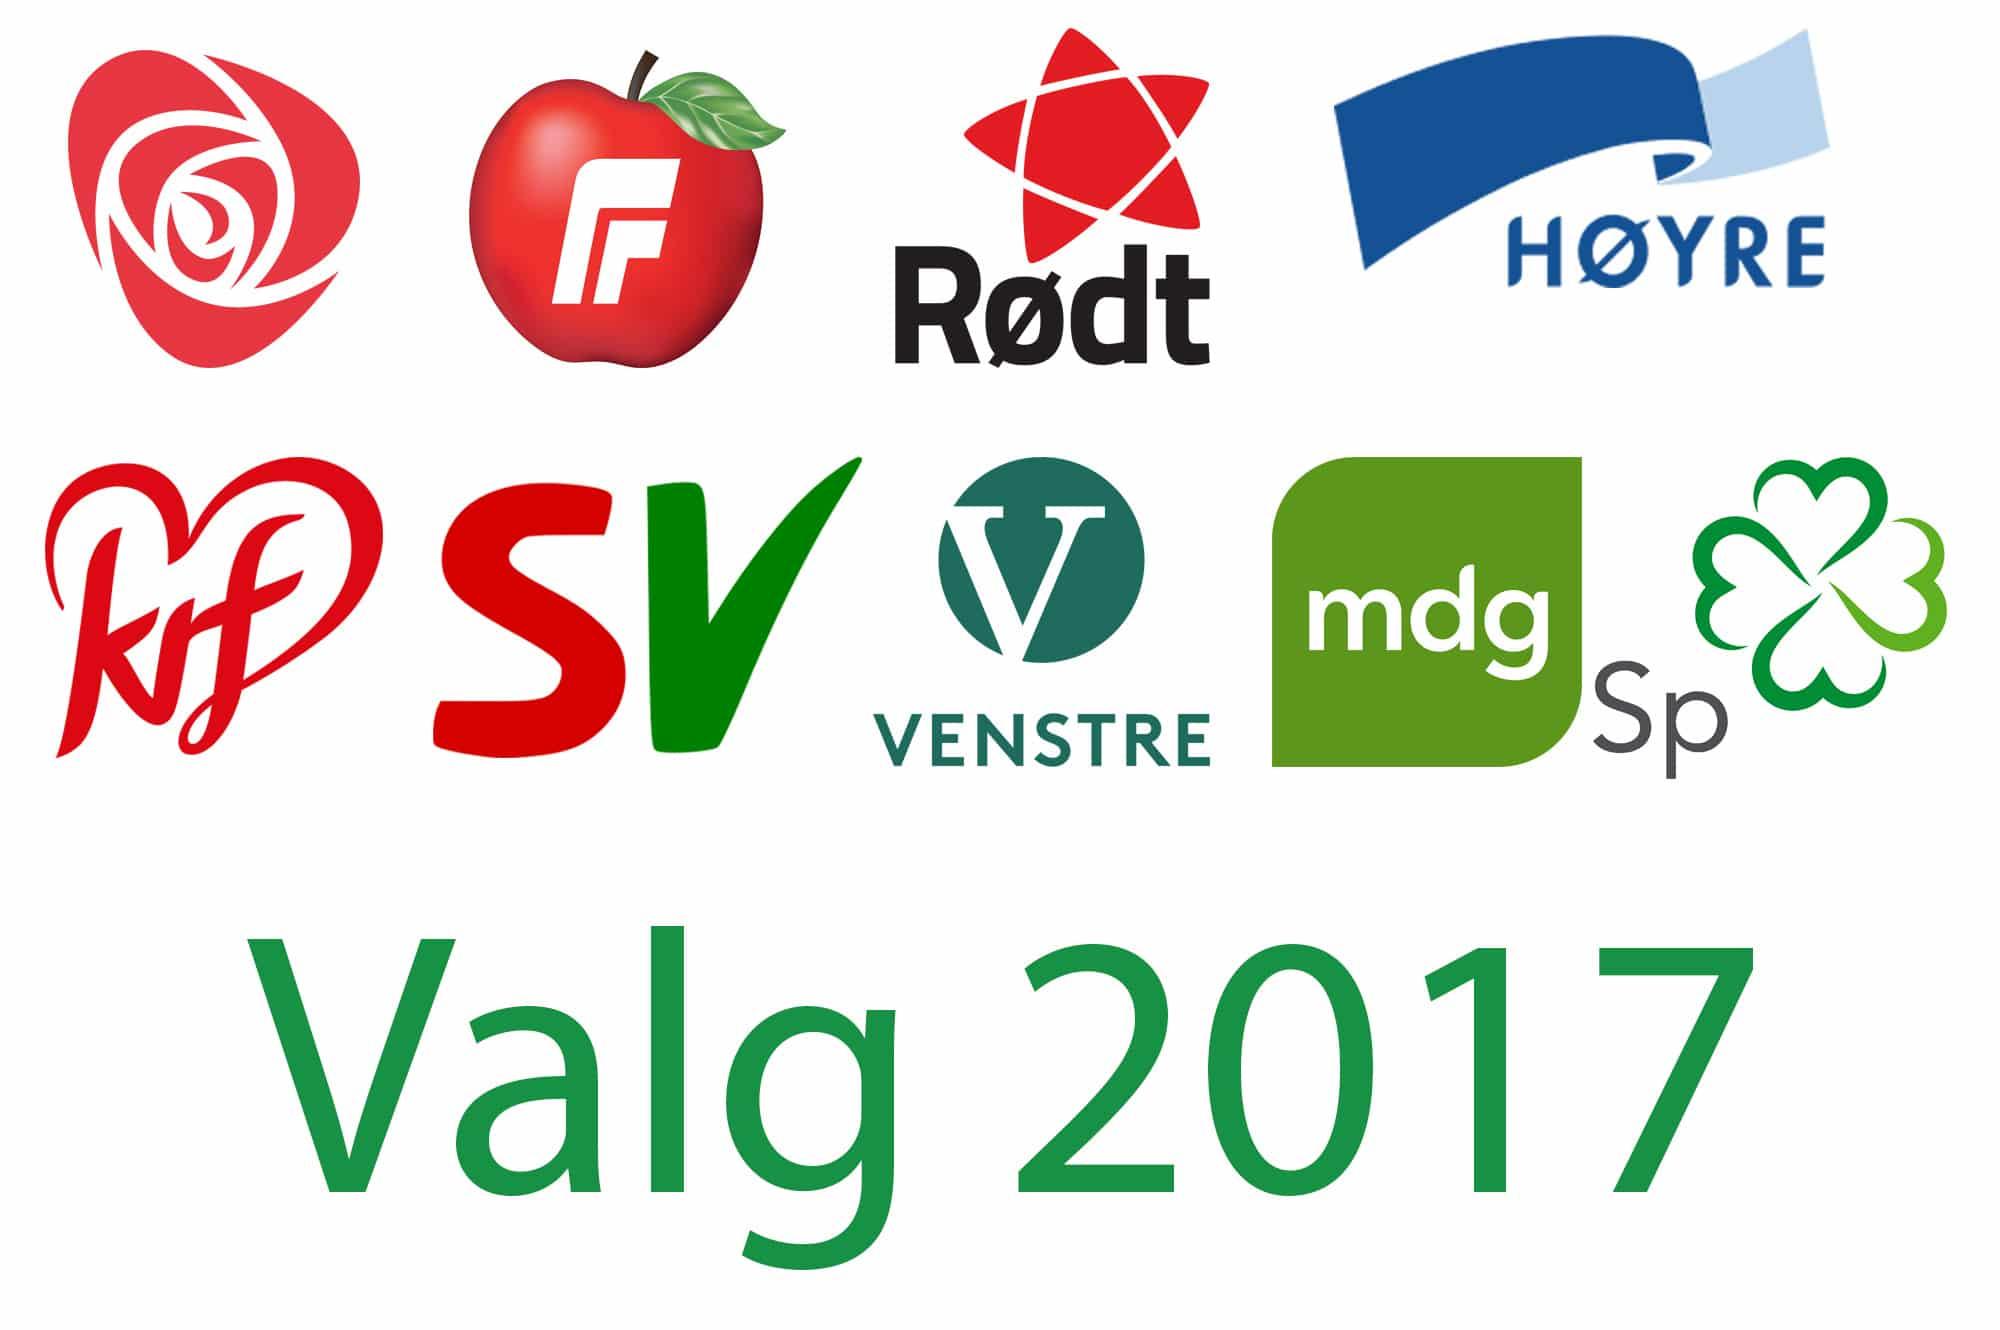 Valgoversikt 2017 Dyrebeskyttelsen Norge